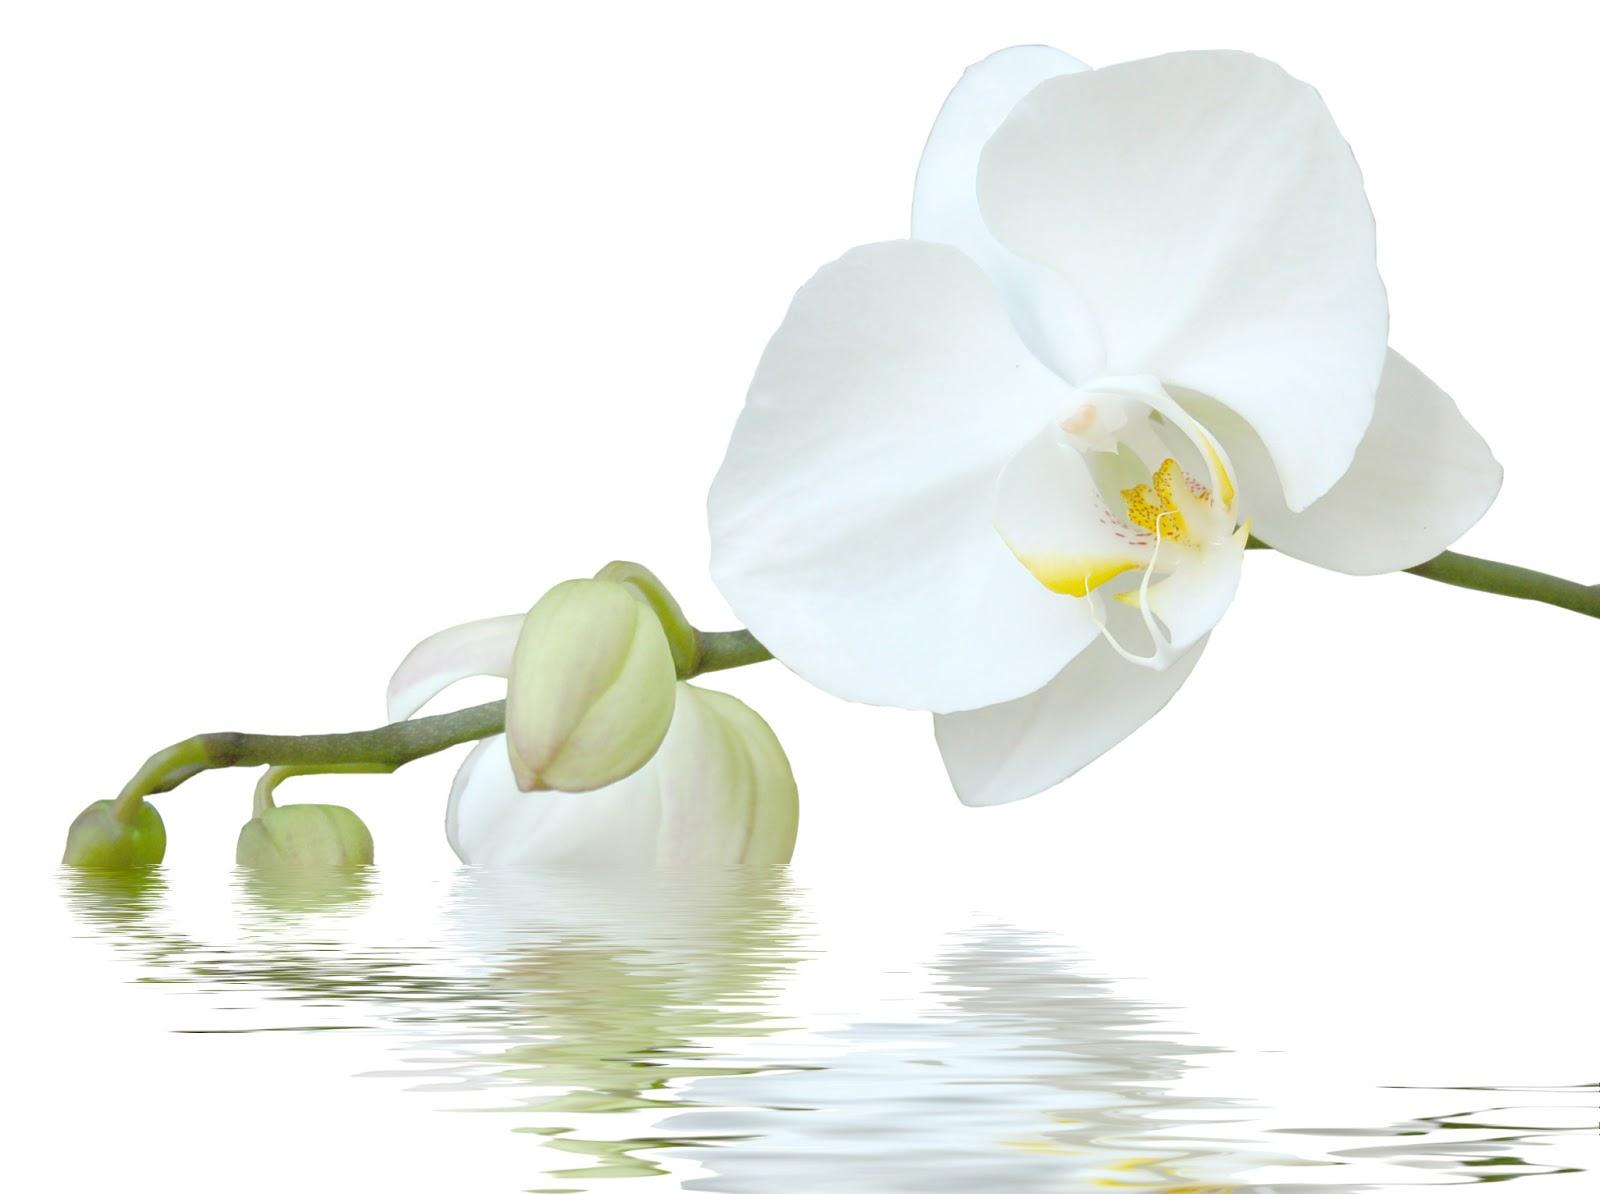 barbara reisen tr ume scheinen mir wie orchideen. Black Bedroom Furniture Sets. Home Design Ideas